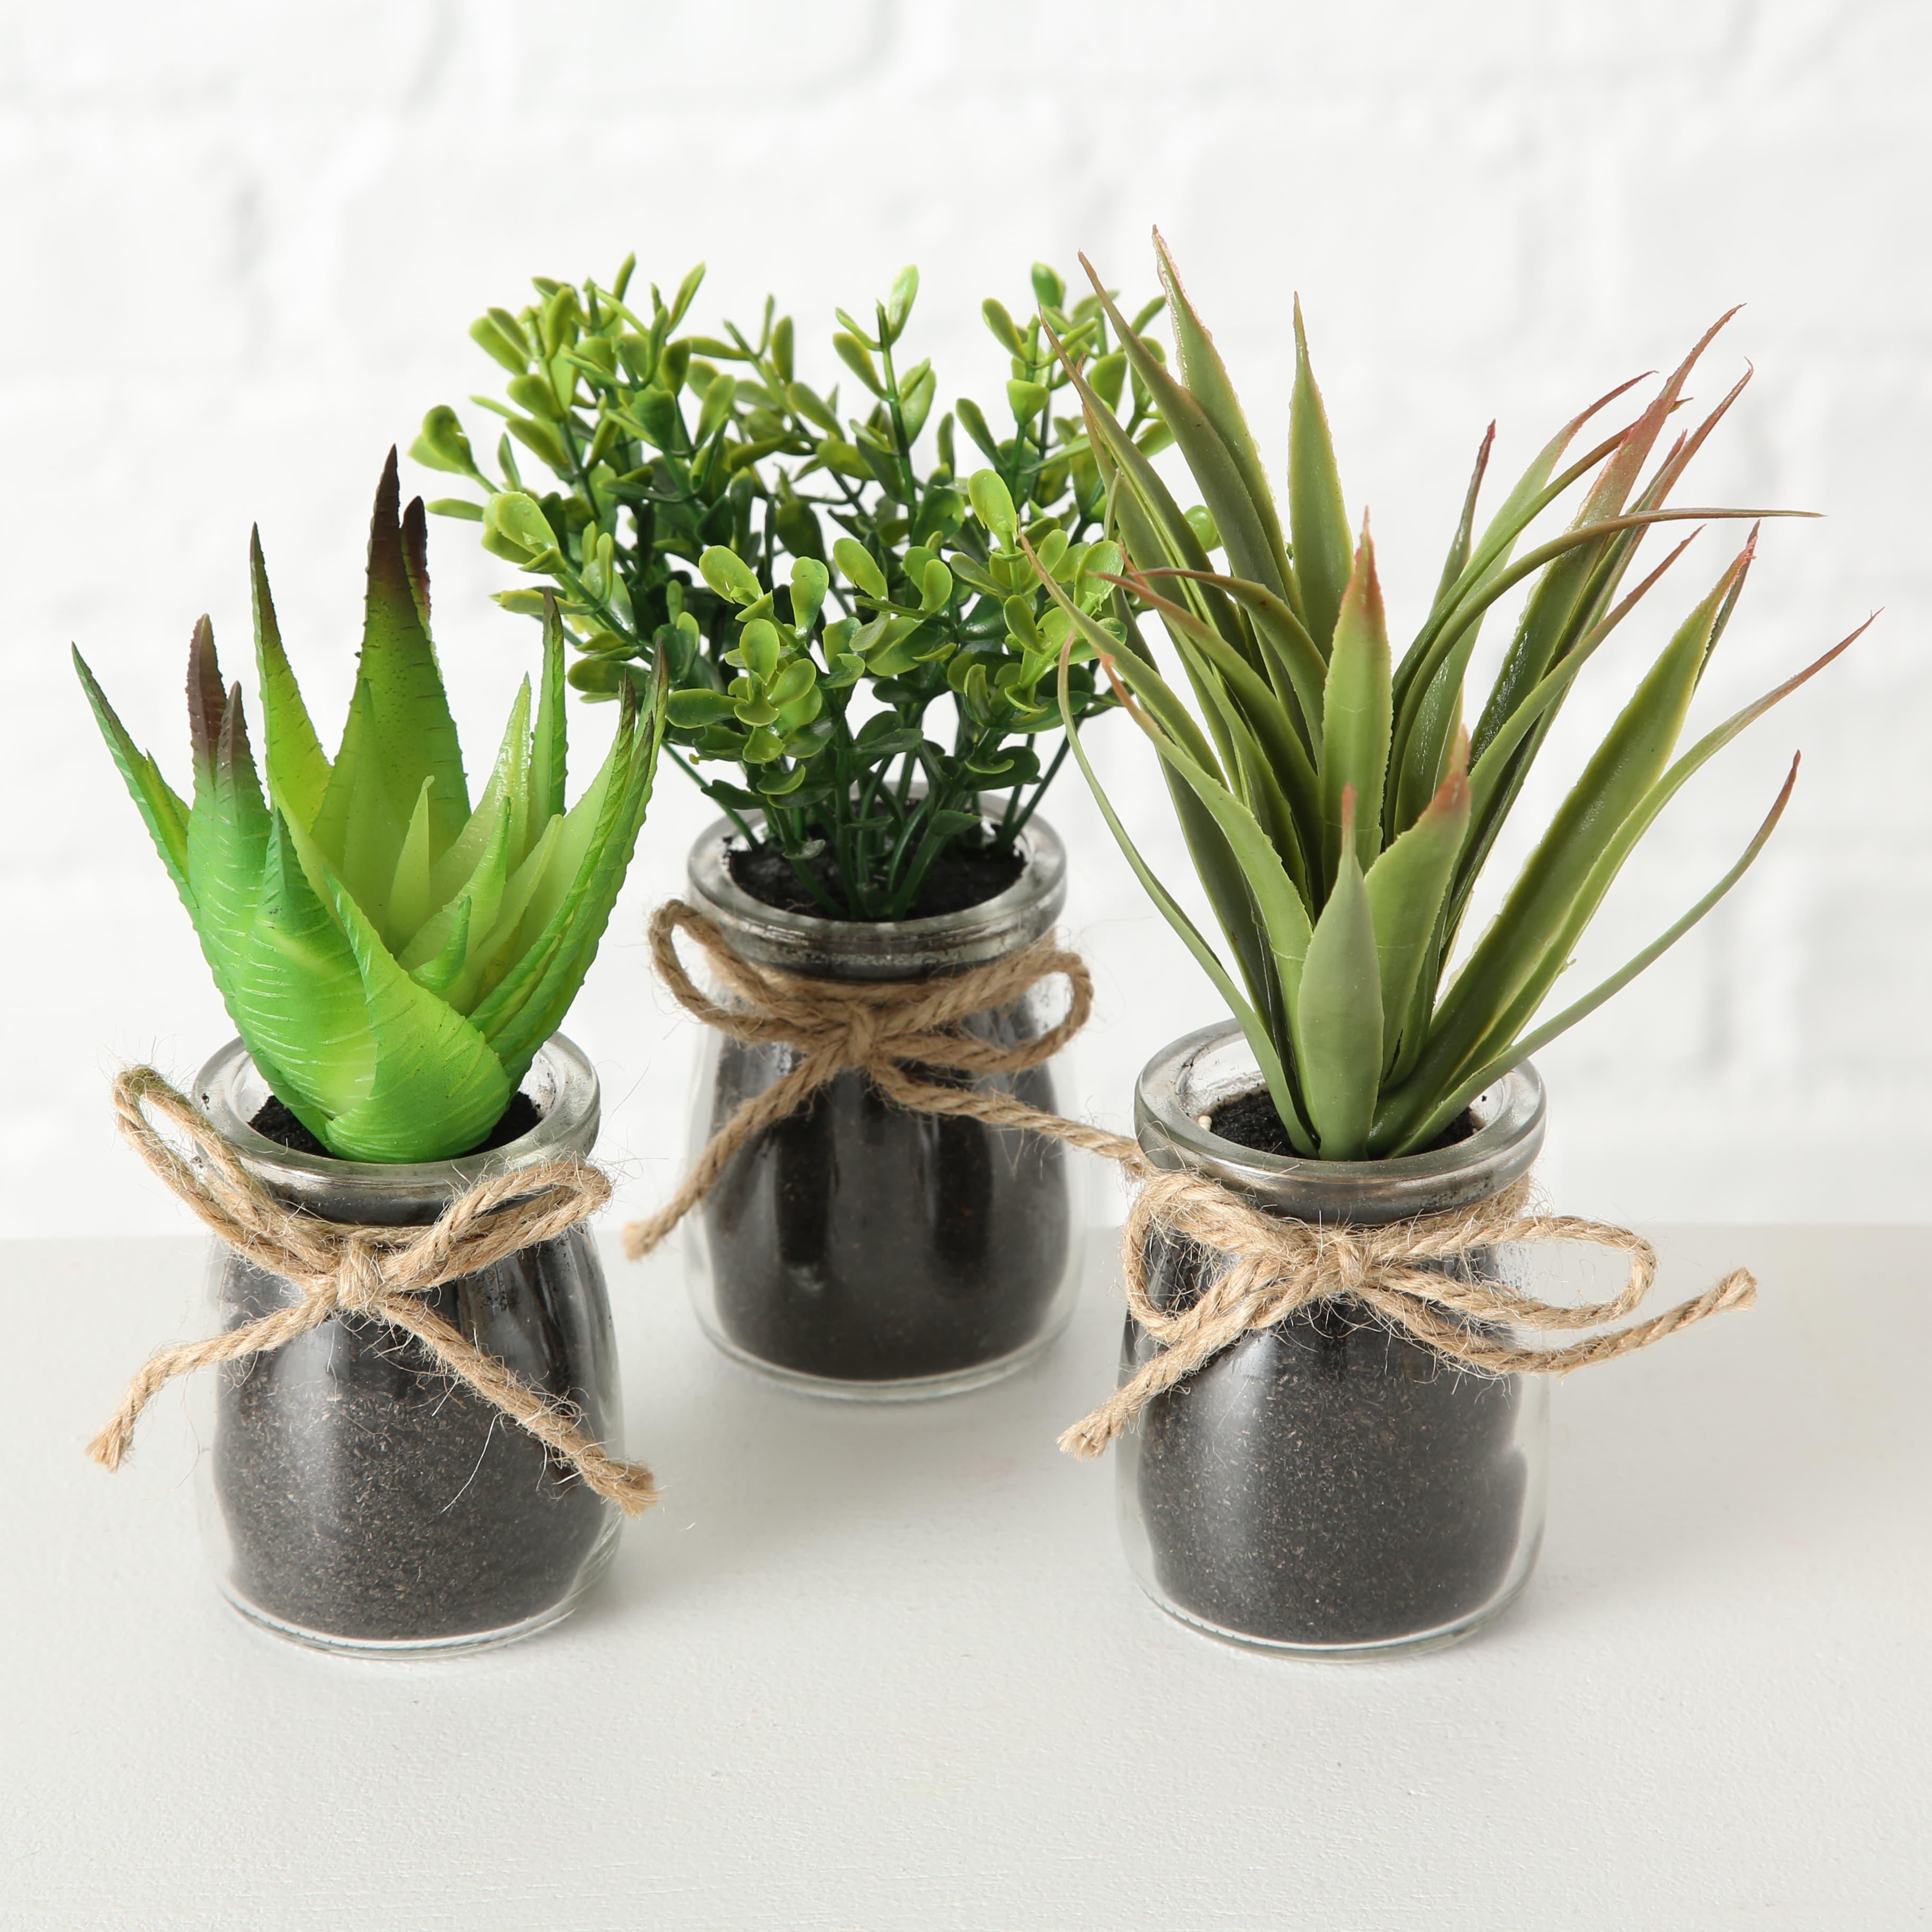 Aranjament decorativ cu plante artificiale Succulent Verde, Modele Asortate, Ø10xH17 cm imagine